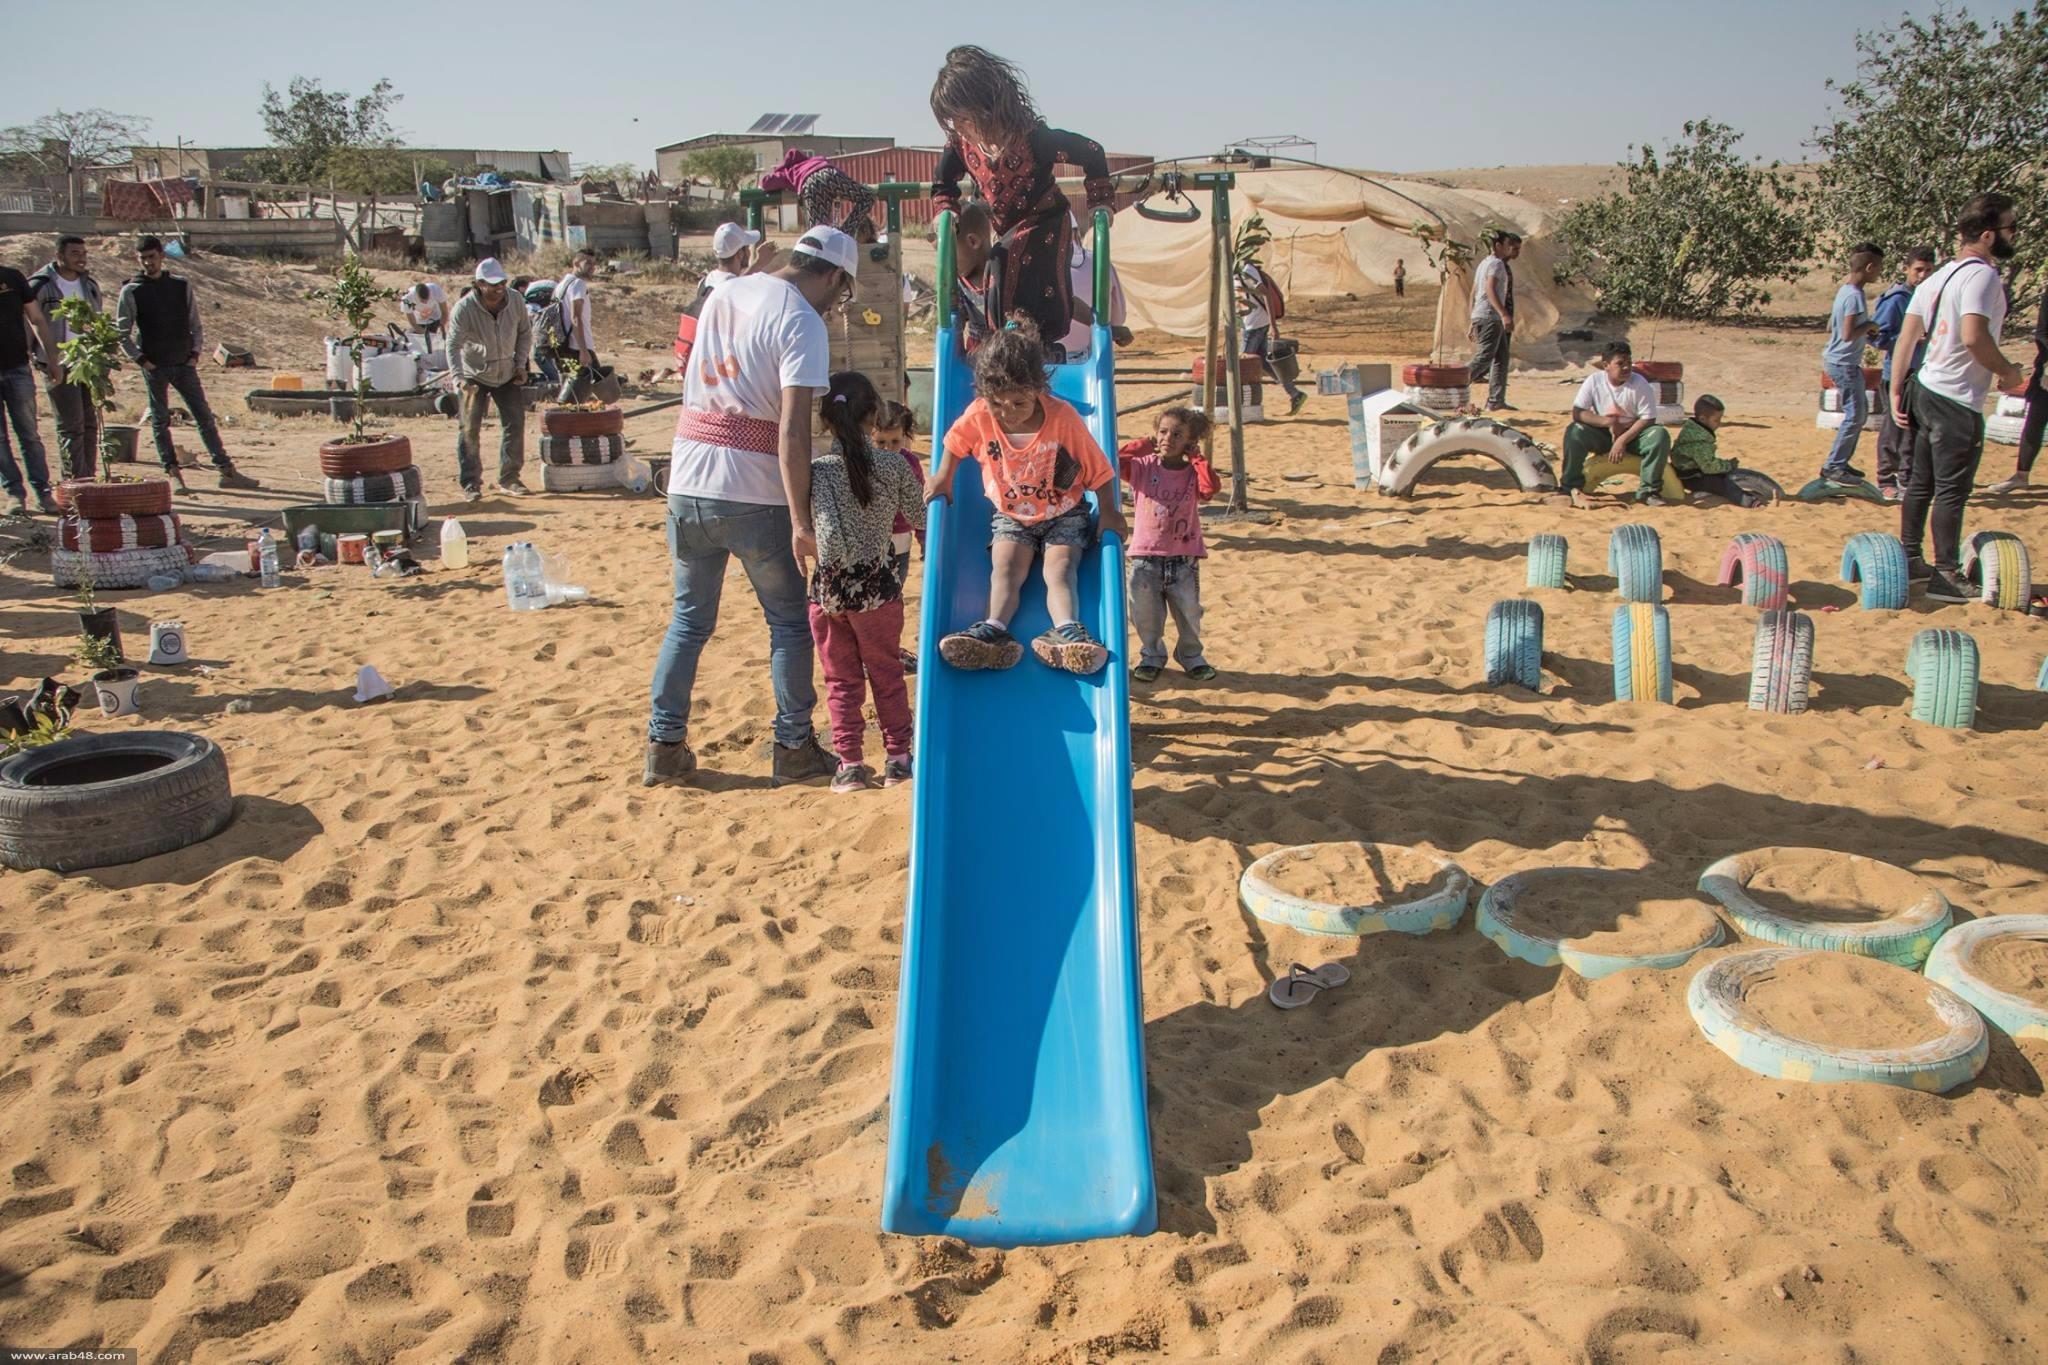 اتحاد الشباب ينظم معسكر صمود الثالث في قرية الصواوين بالنقب